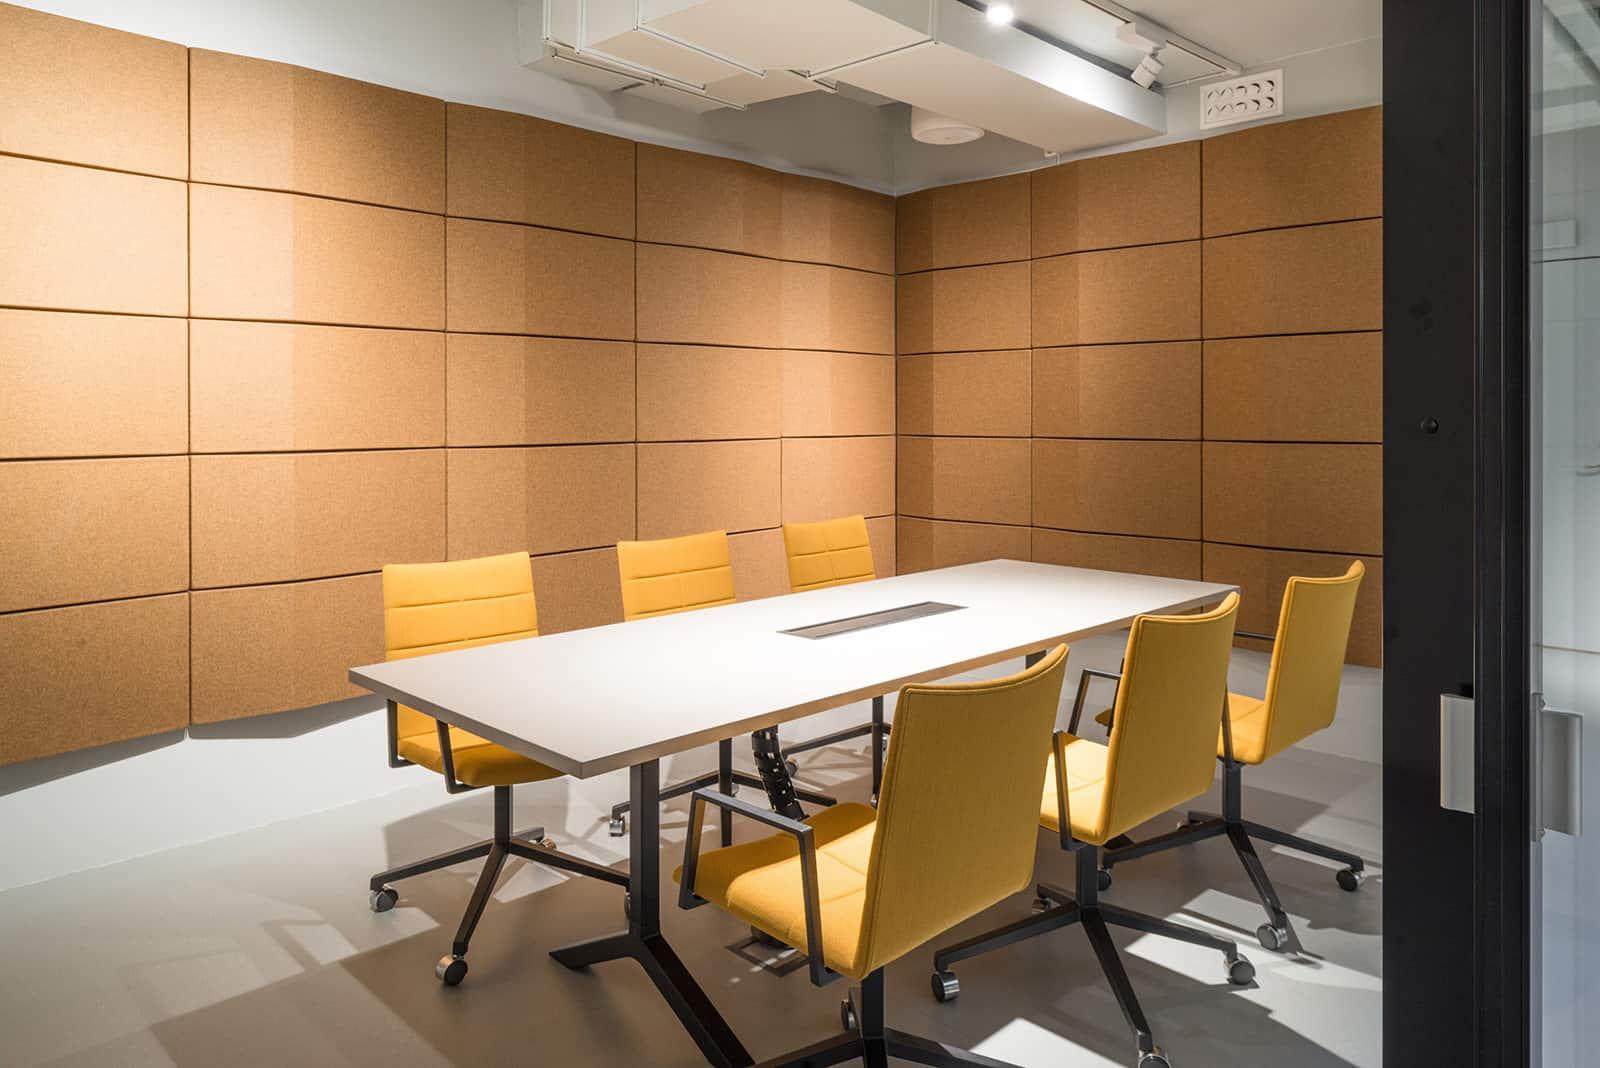 Акустика на офиси - проблема с акустиката е често срещан в офисите. Шумът от работната среда трябва да е в допустимите норми.